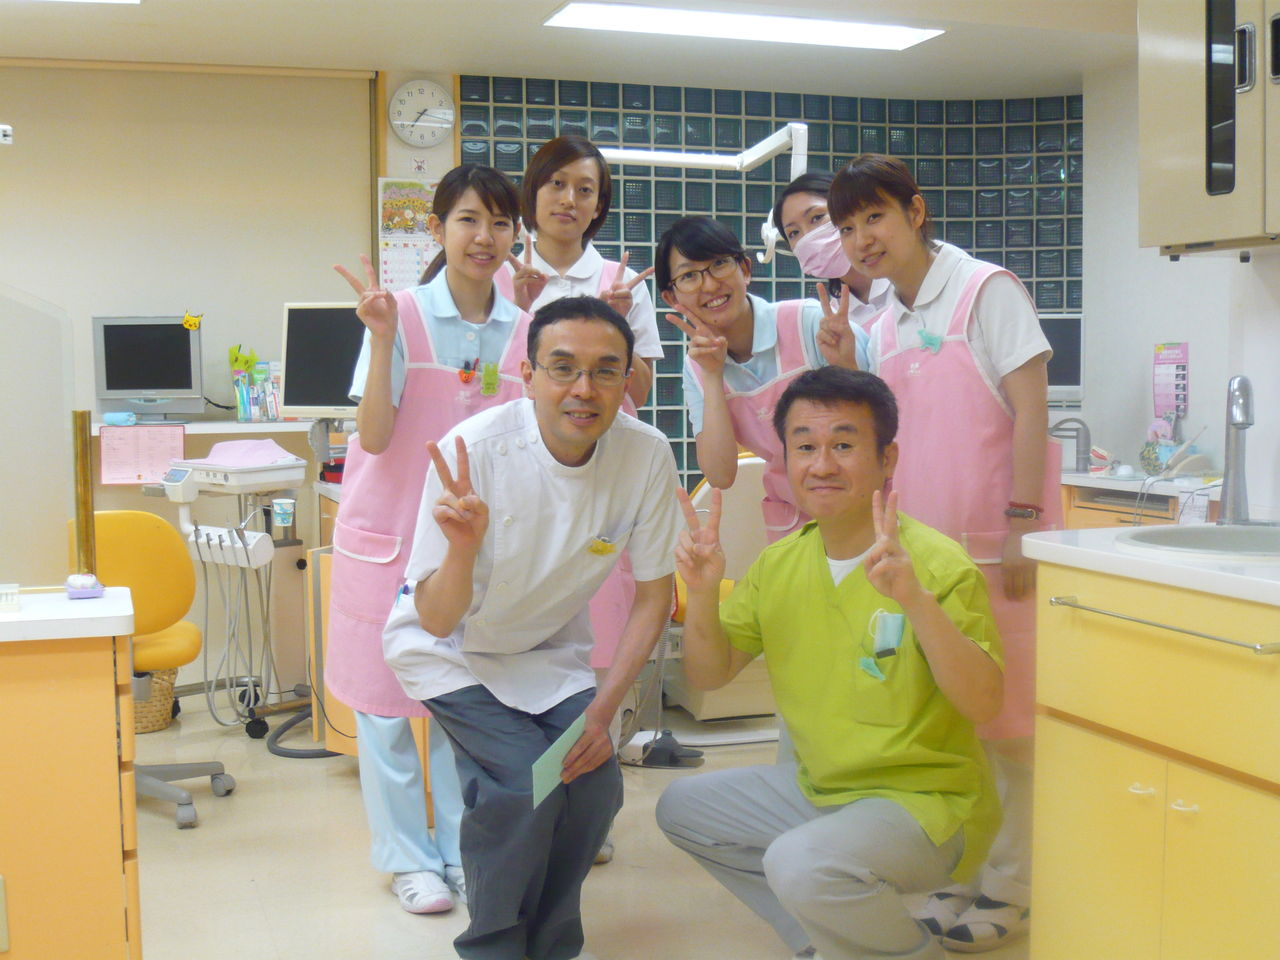 大田区蒲田 歯医者 小児歯科 小児矯正